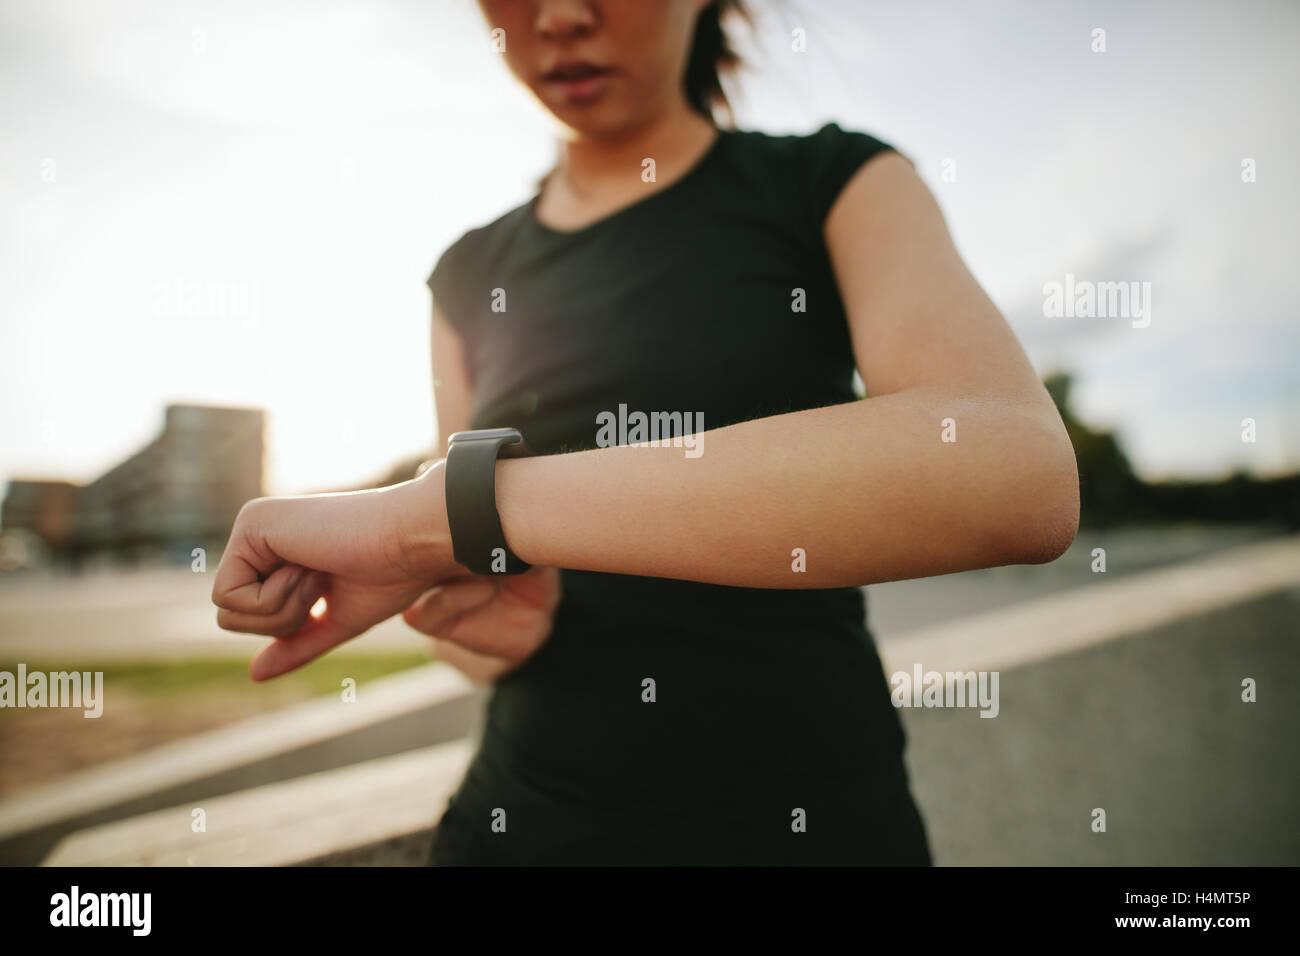 Schuss von junge Frau Läufer mit Smartwatch im freien hautnah. Fitness Frauen überprüfen ihre Leistung. Stockbild